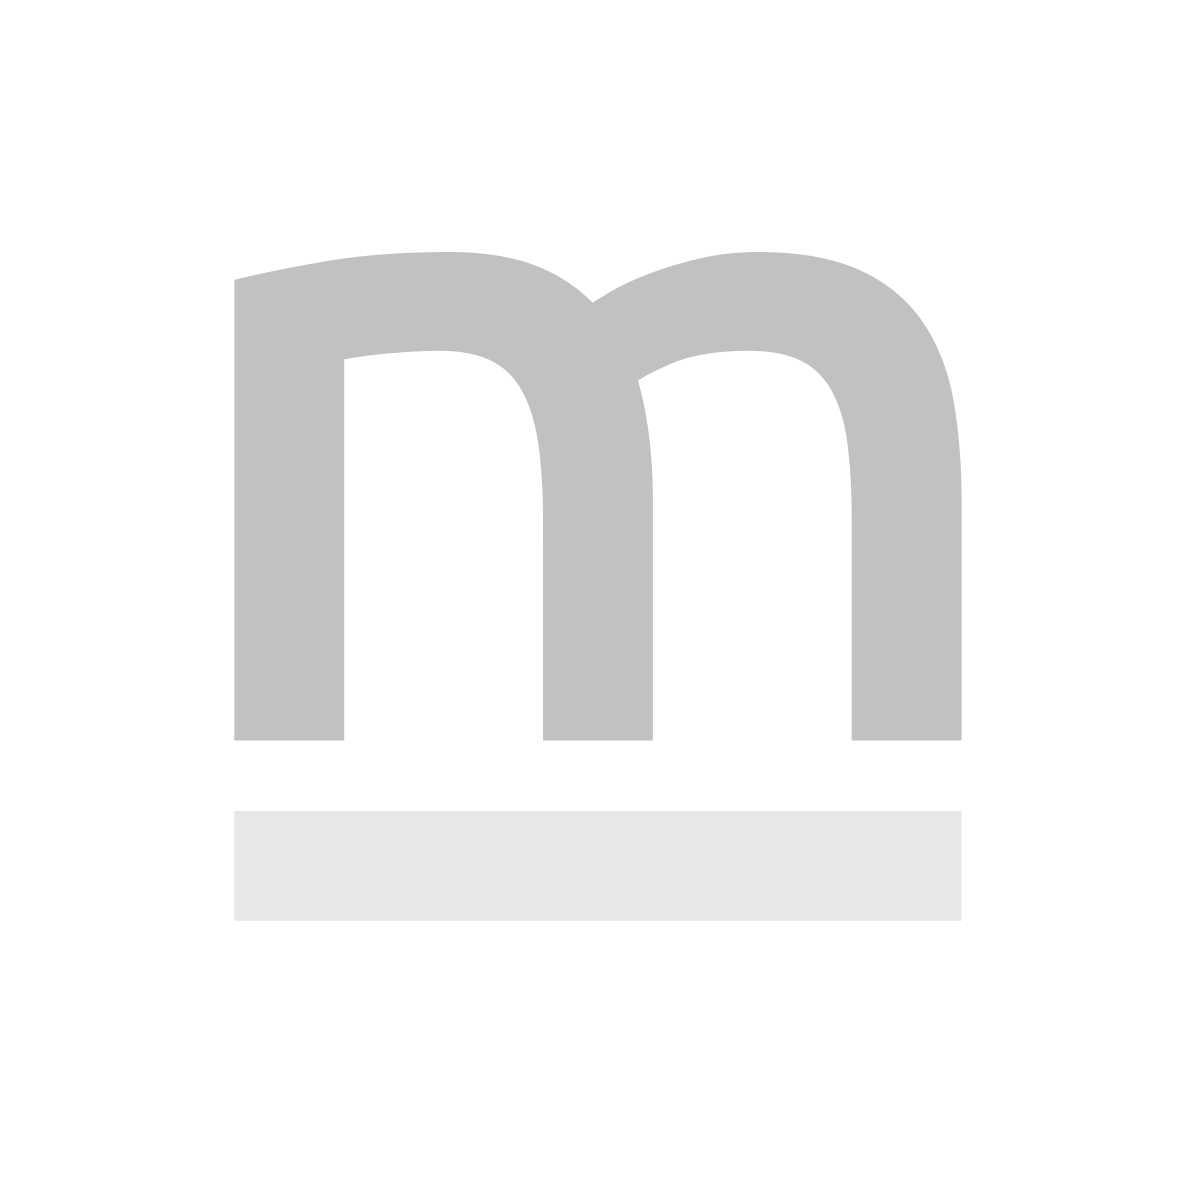 Biurko LAVORO szare z krzesłem